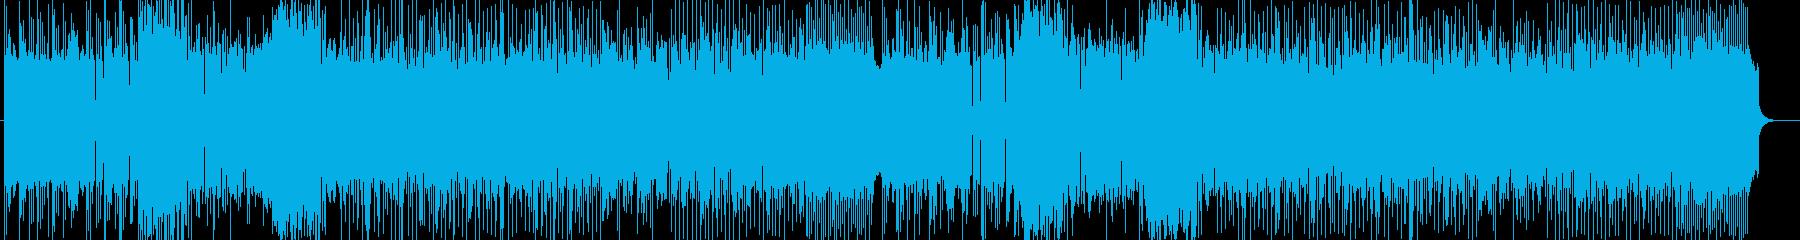 「ヘヴィ/ダーク/メタル」BGM247の再生済みの波形